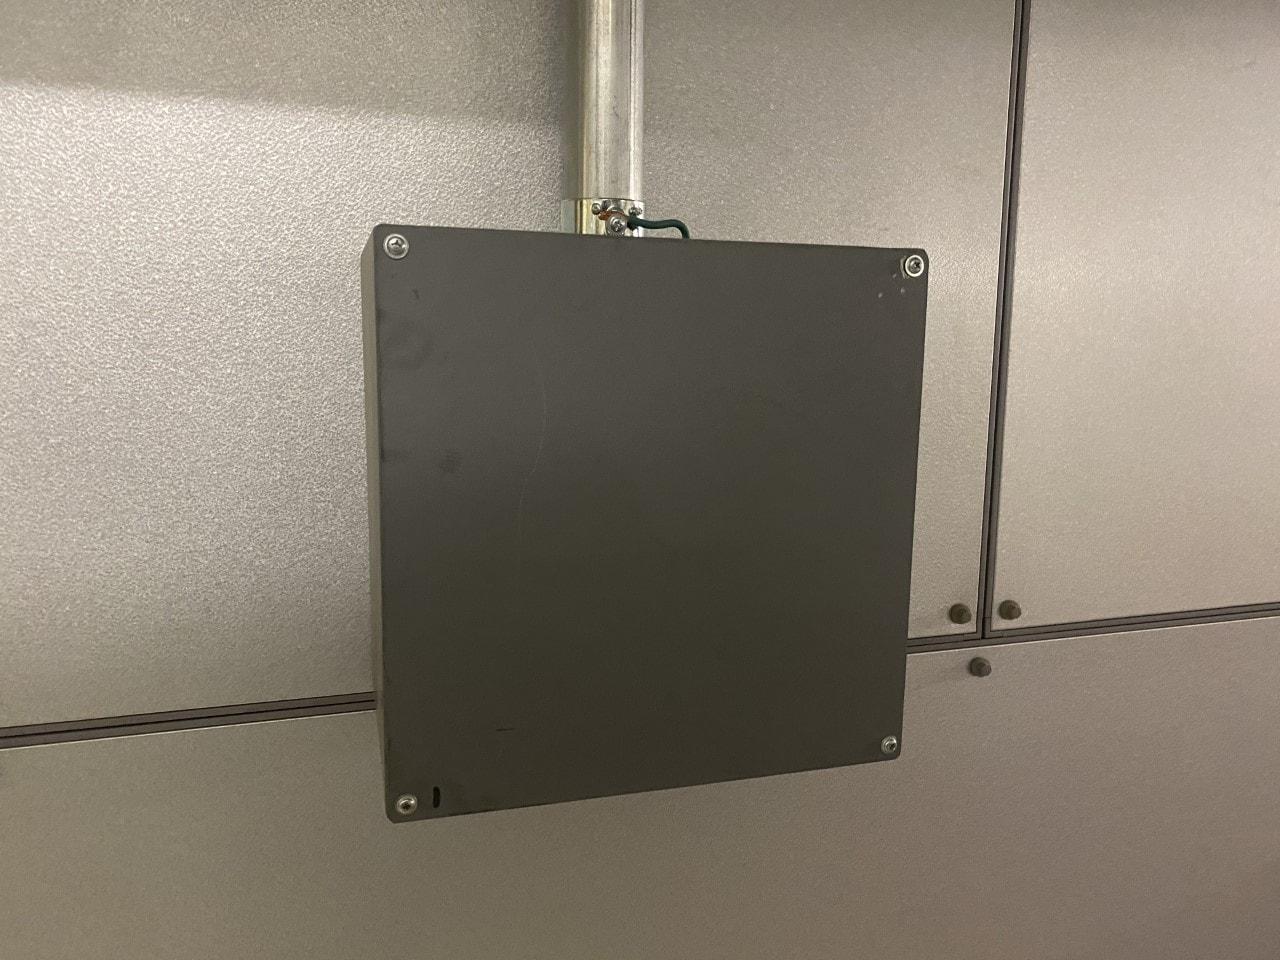 ジョイントボックスとは?必要性、使い方、記号、配線、サイズなど